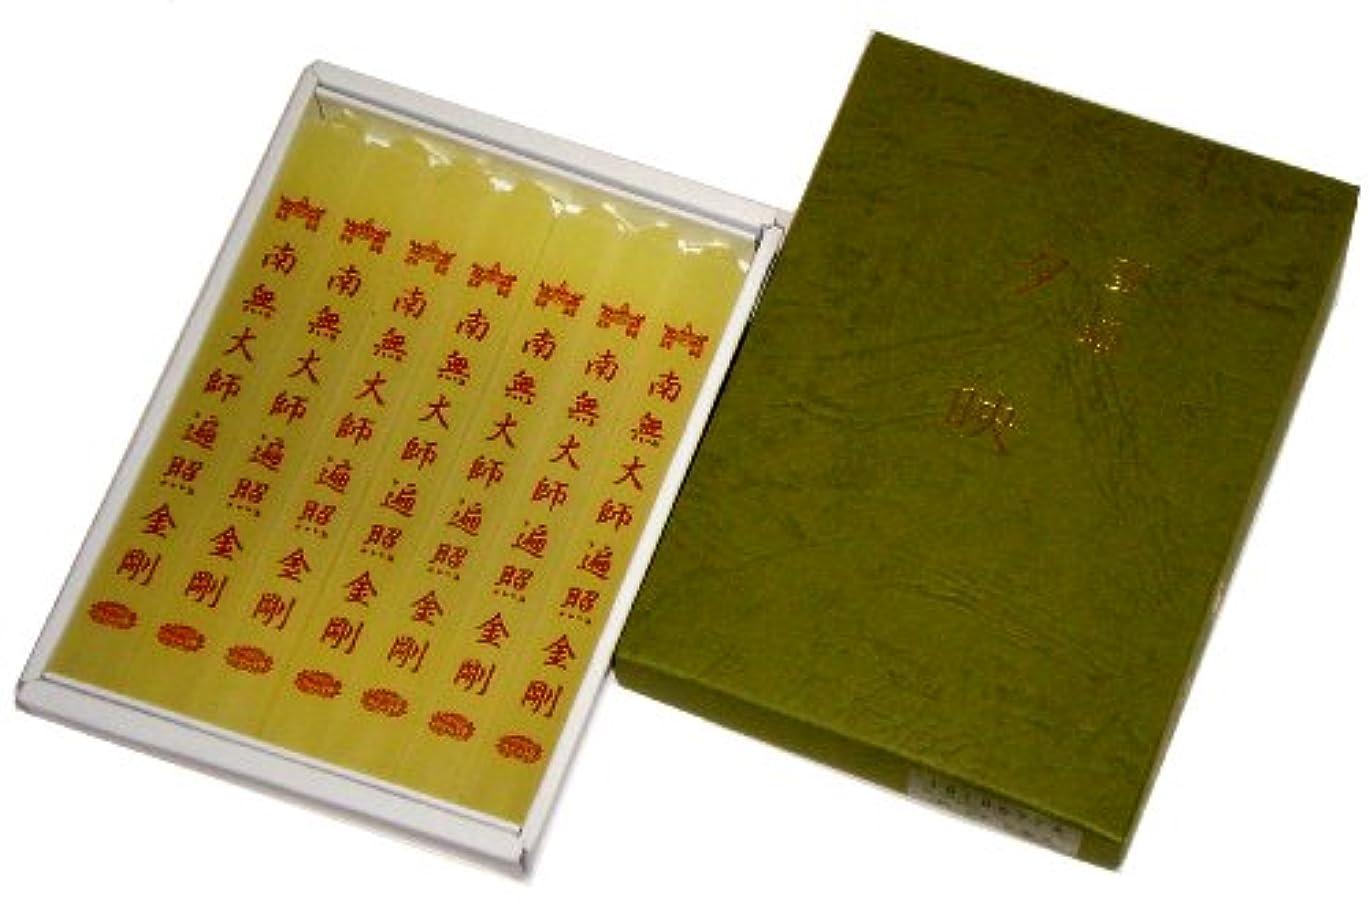 鳥居のローソク 蜜蝋夕映 大師 7本入 紙箱 #100714